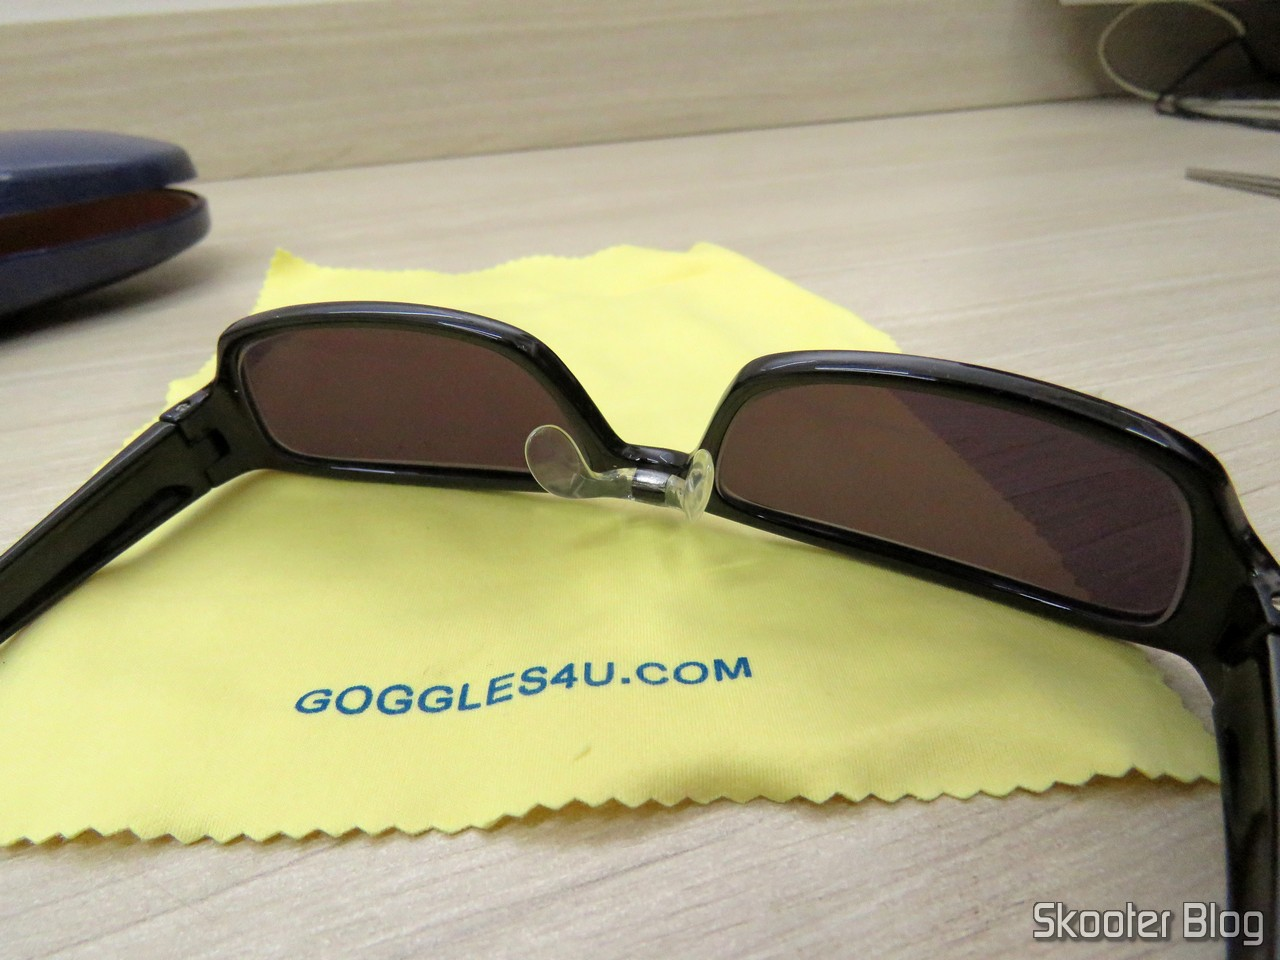 d23322658 Óculos de Sol com Grau, Lente Preta Escura (G4U T3022 Rectangle Eyeglasses  124765-